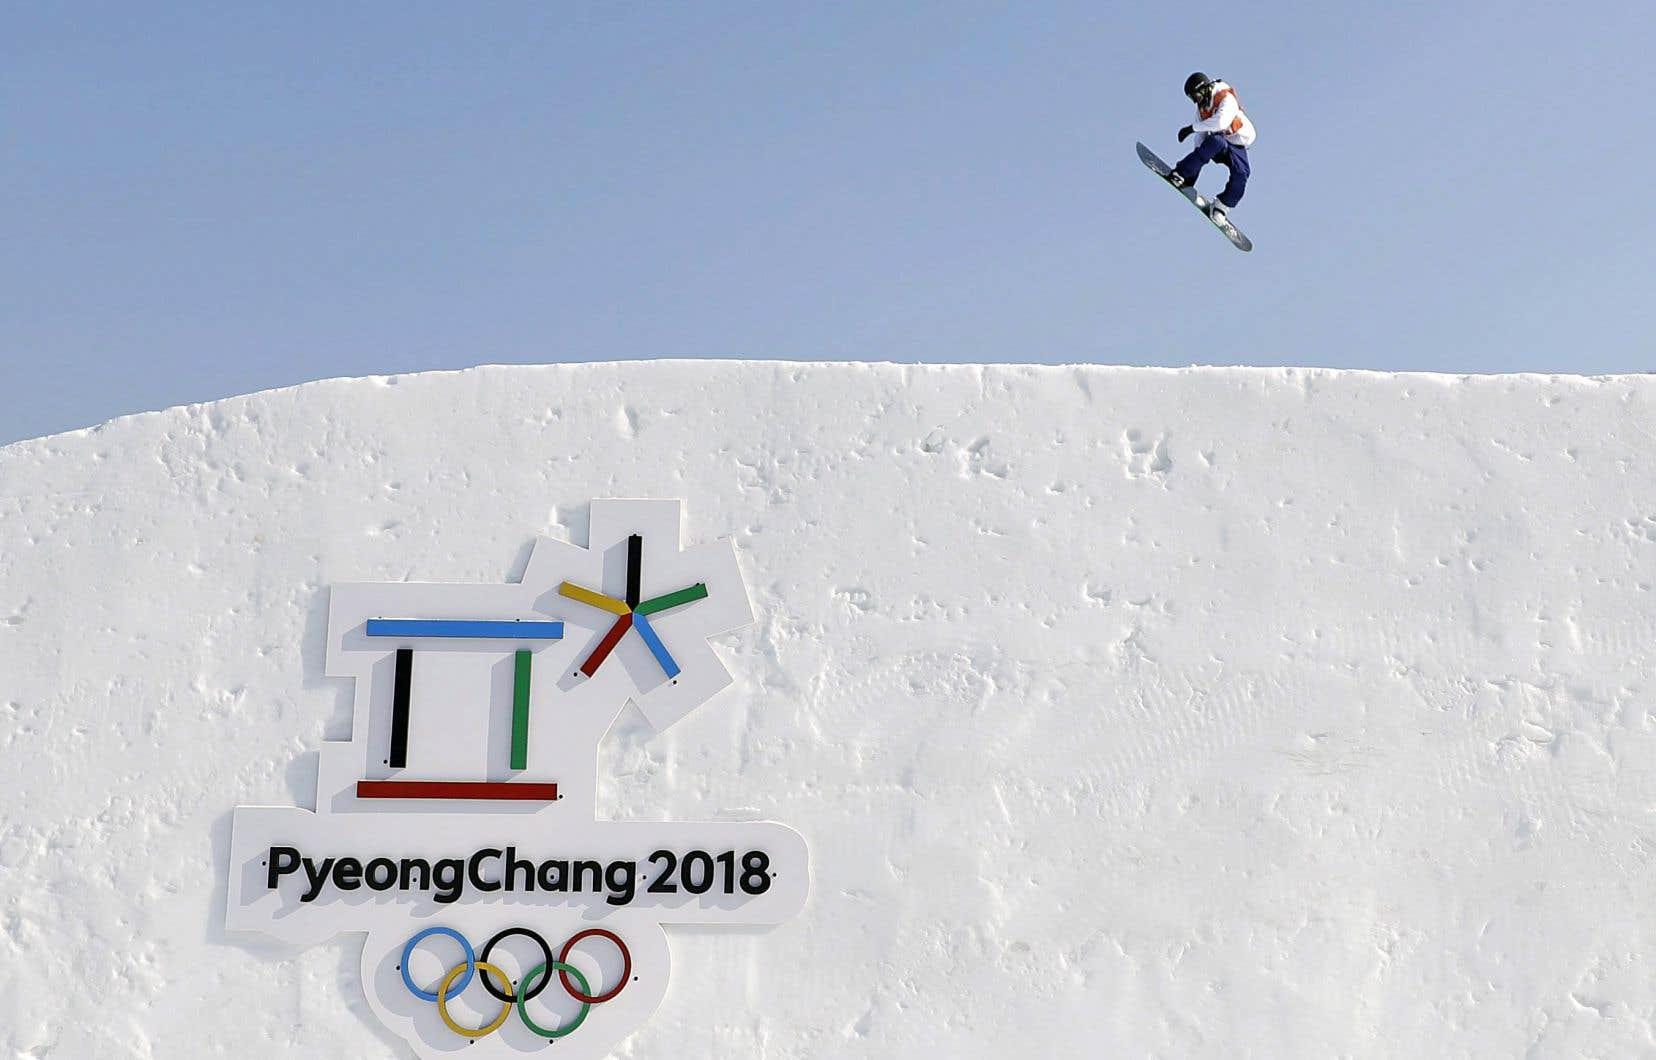 Les coûts des Jeux ne cessent d'augmenter. La facture de ceux de Salt Lake City se serait élevée à environ 2,5 milliards en 2002, contre 12 milliards à Pyeongchang cette année.